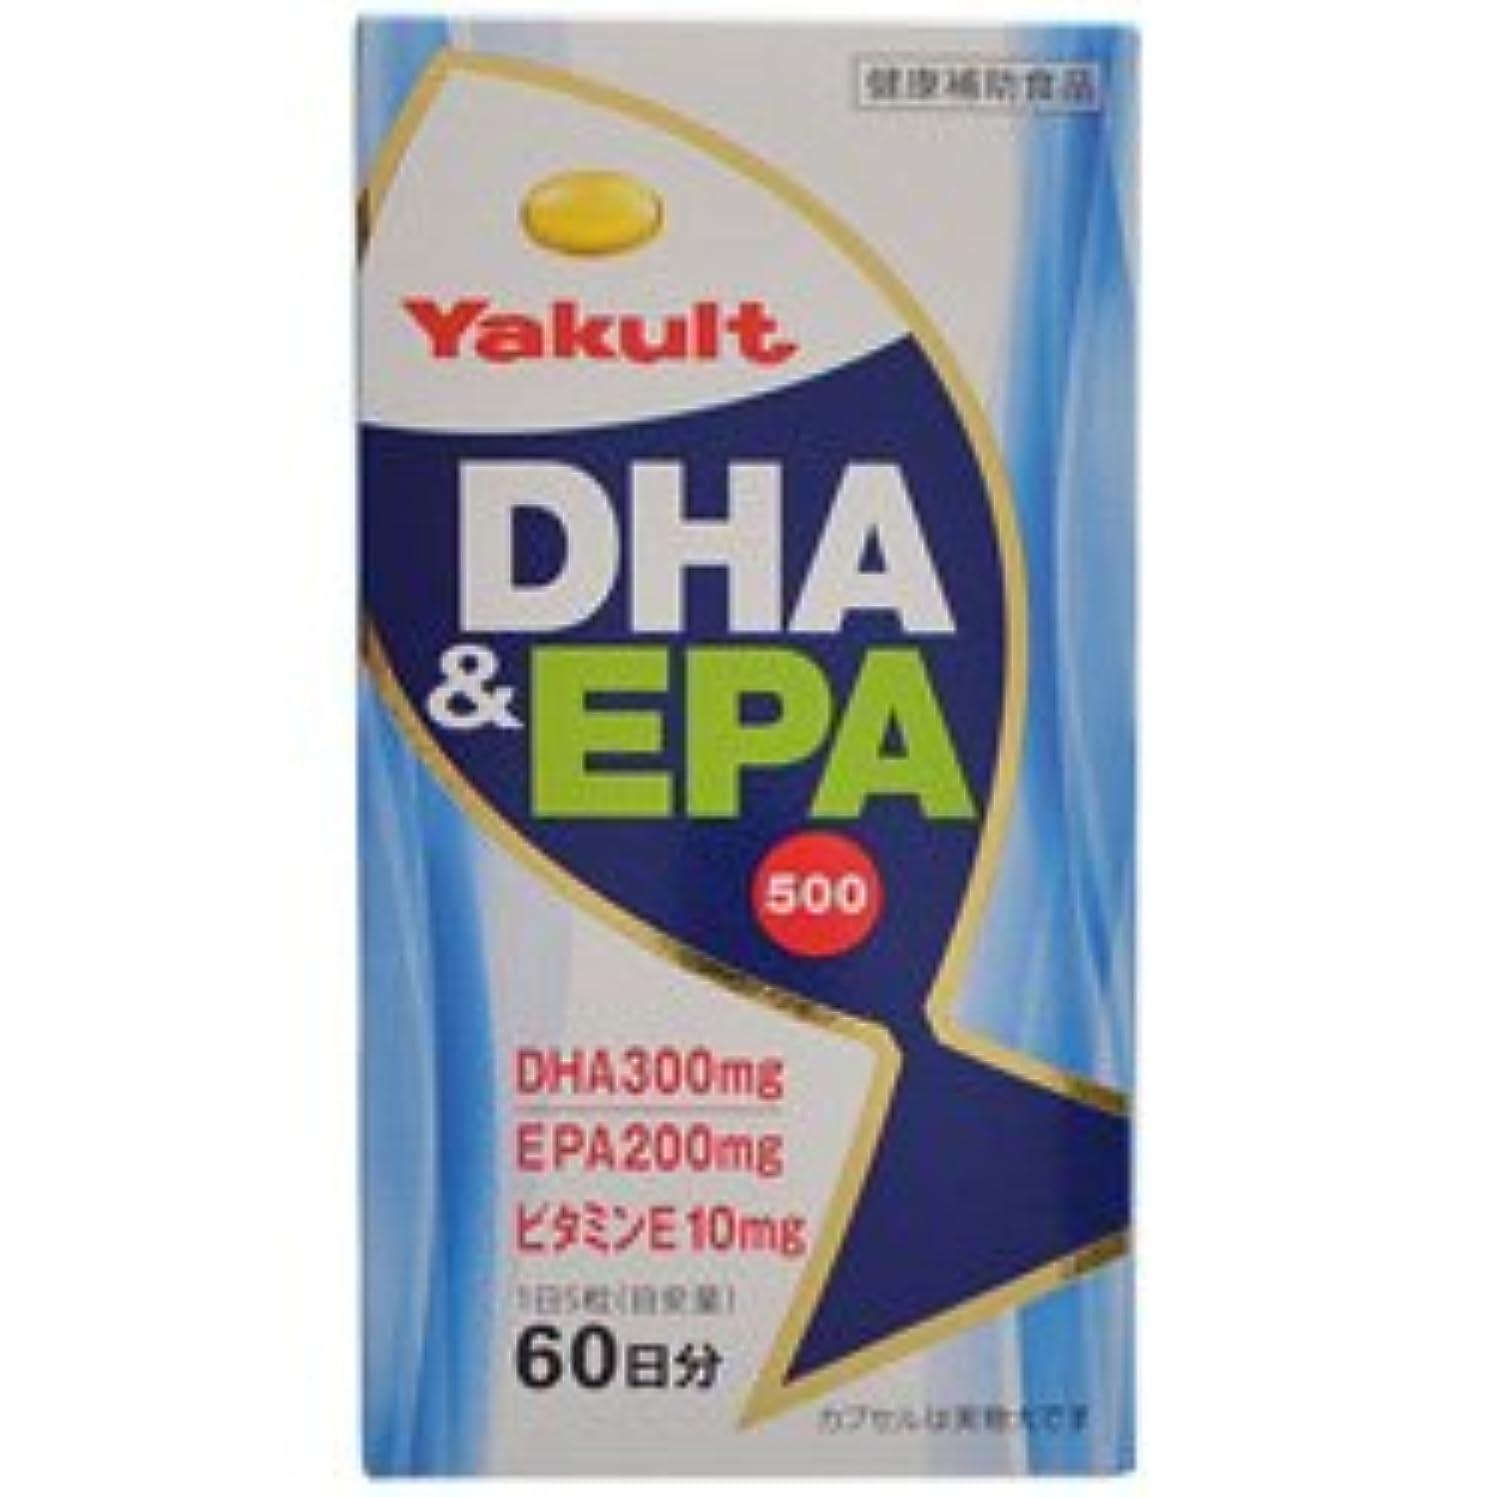 モールス信号浸食スリンク【ヤクルトヘルスフーズ】DHA&EPA 500 300粒 ×5個セット